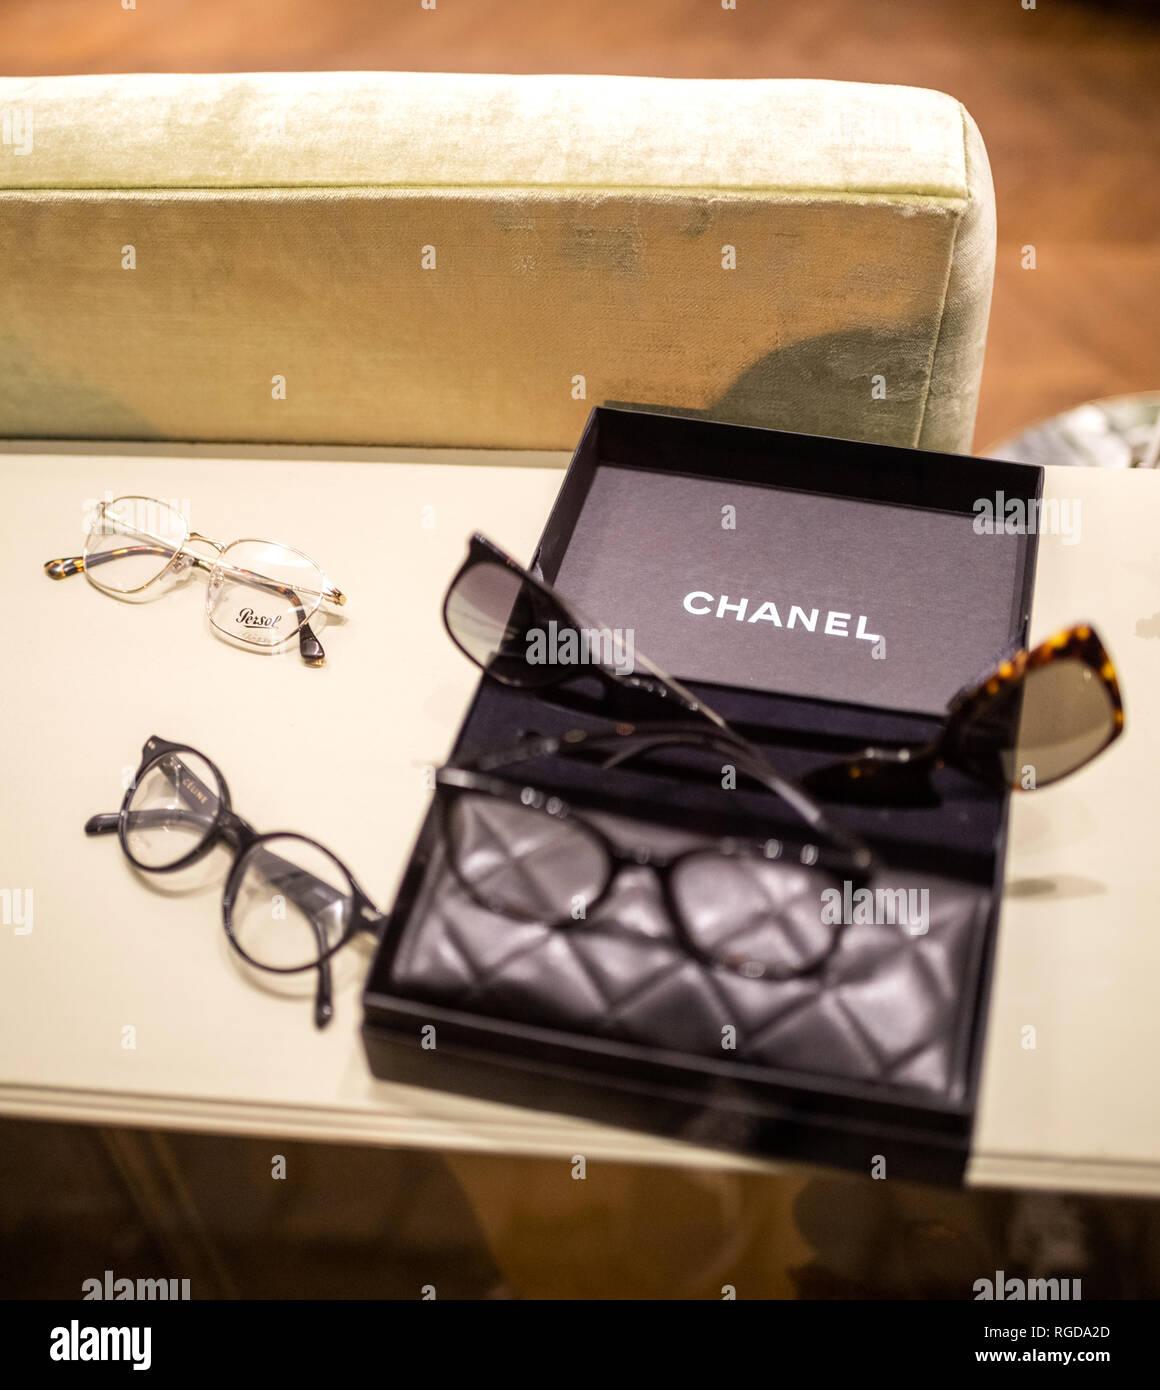 bb2c7f6881 Estrasburgo, Francia - 28 Oct, 2018: Varios de lujo, Persol Chanel y